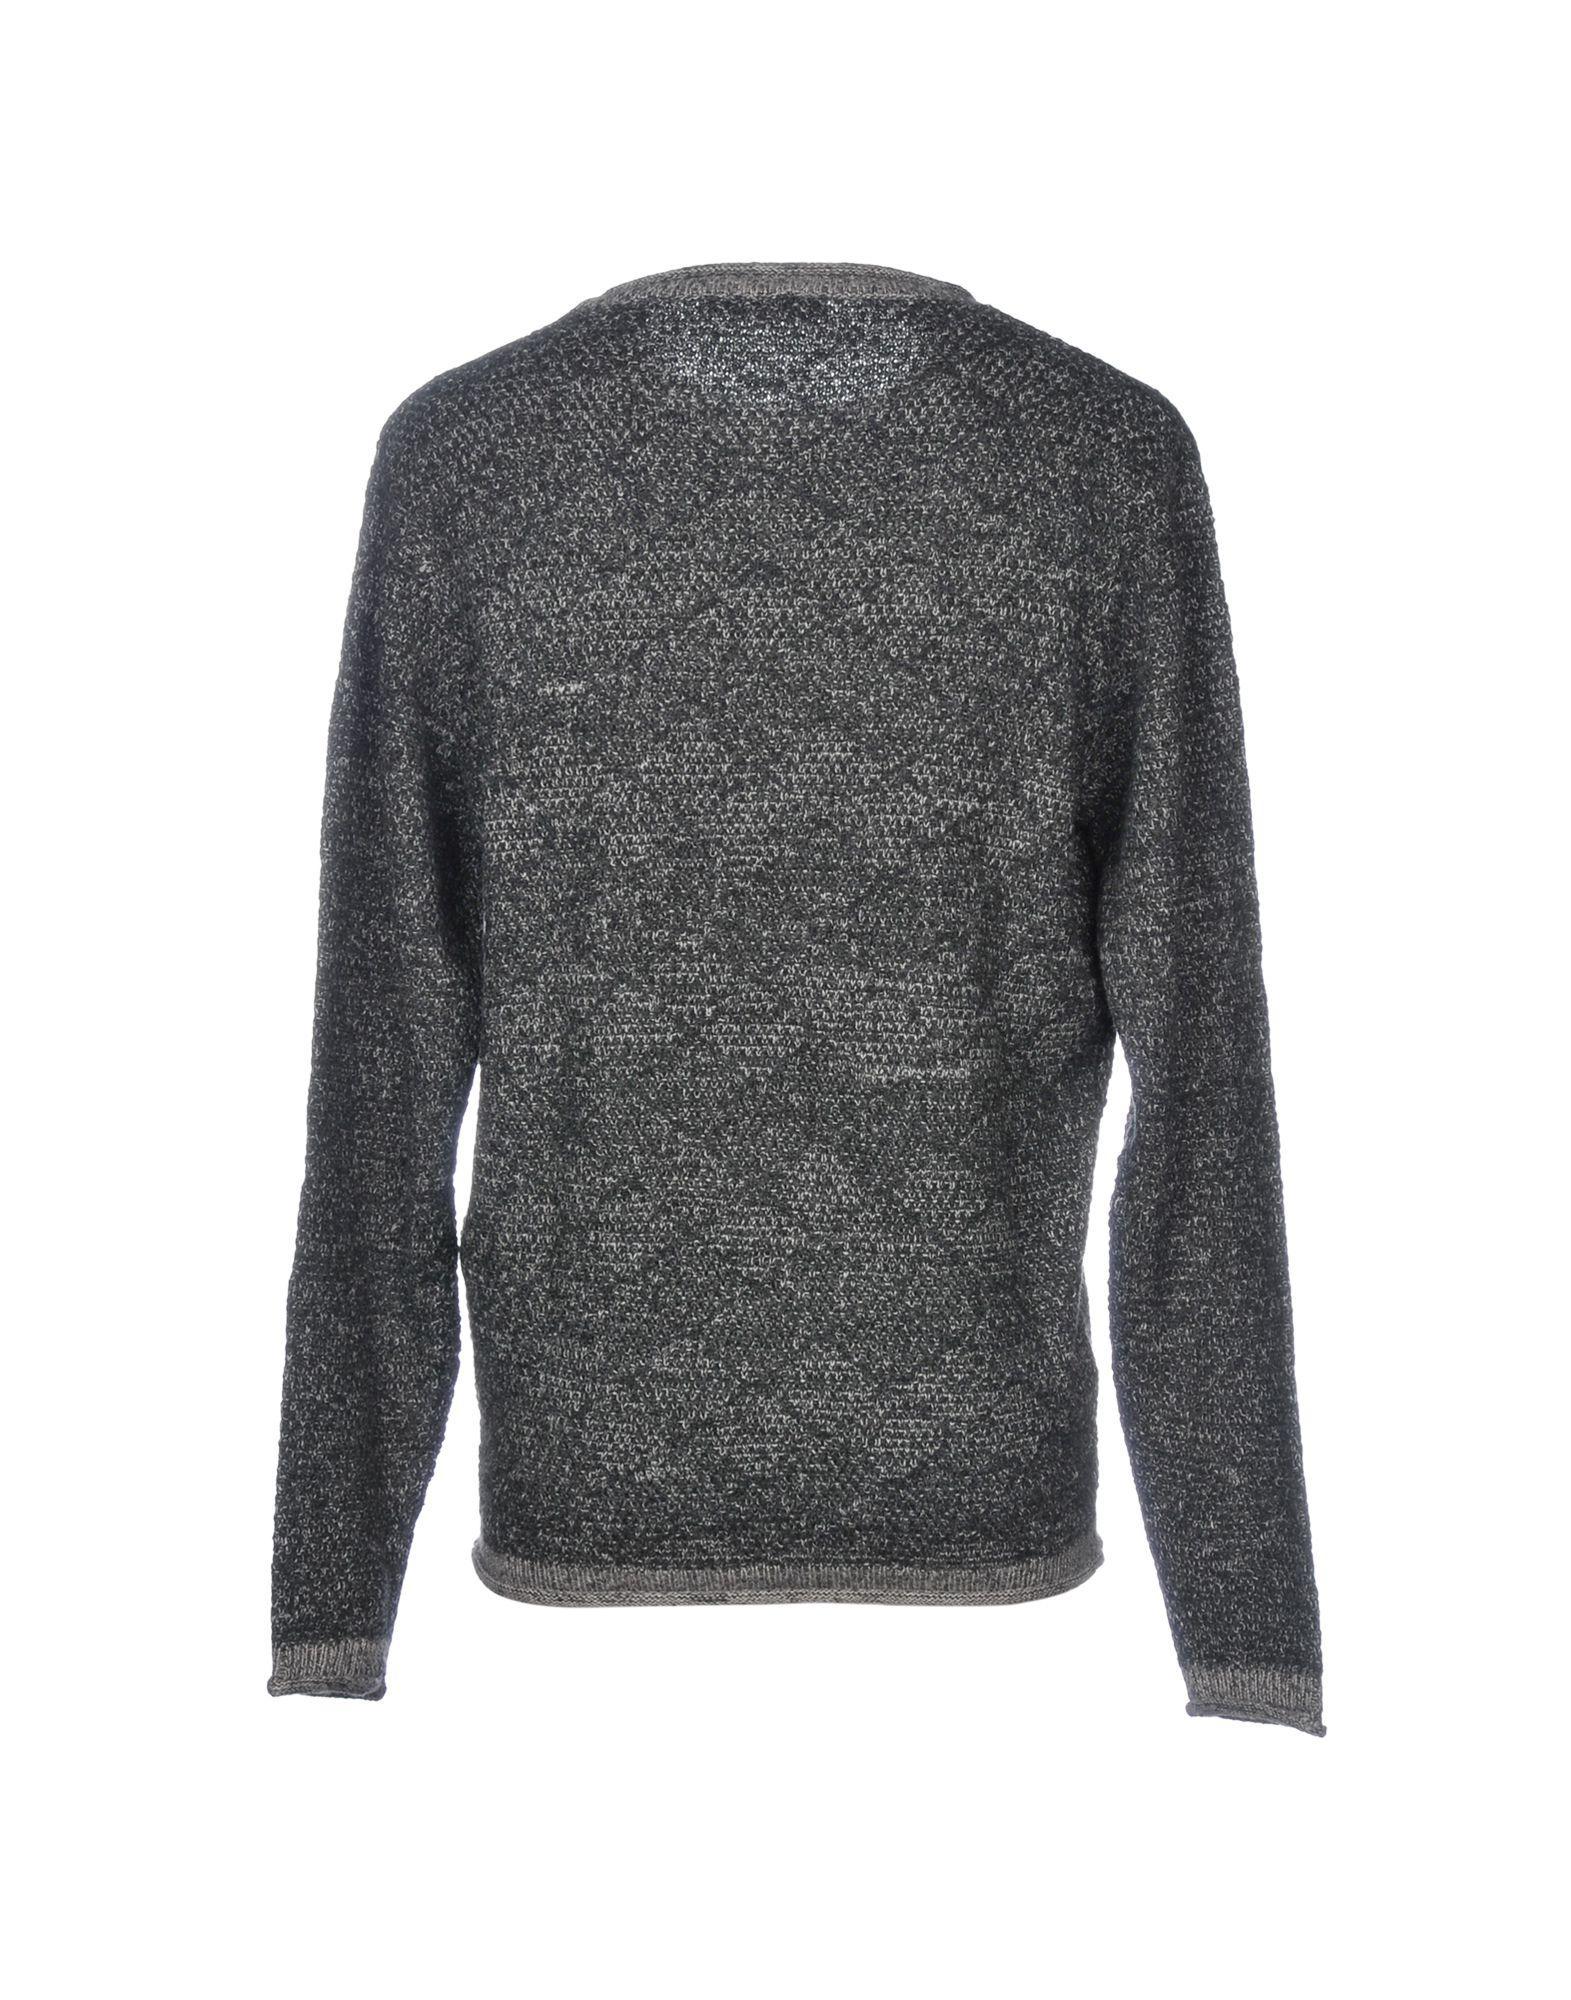 KNITWEAR - Jumpers Klixs Jeans Marketable Sale Online Cheap Sale How Much Td8U7d8